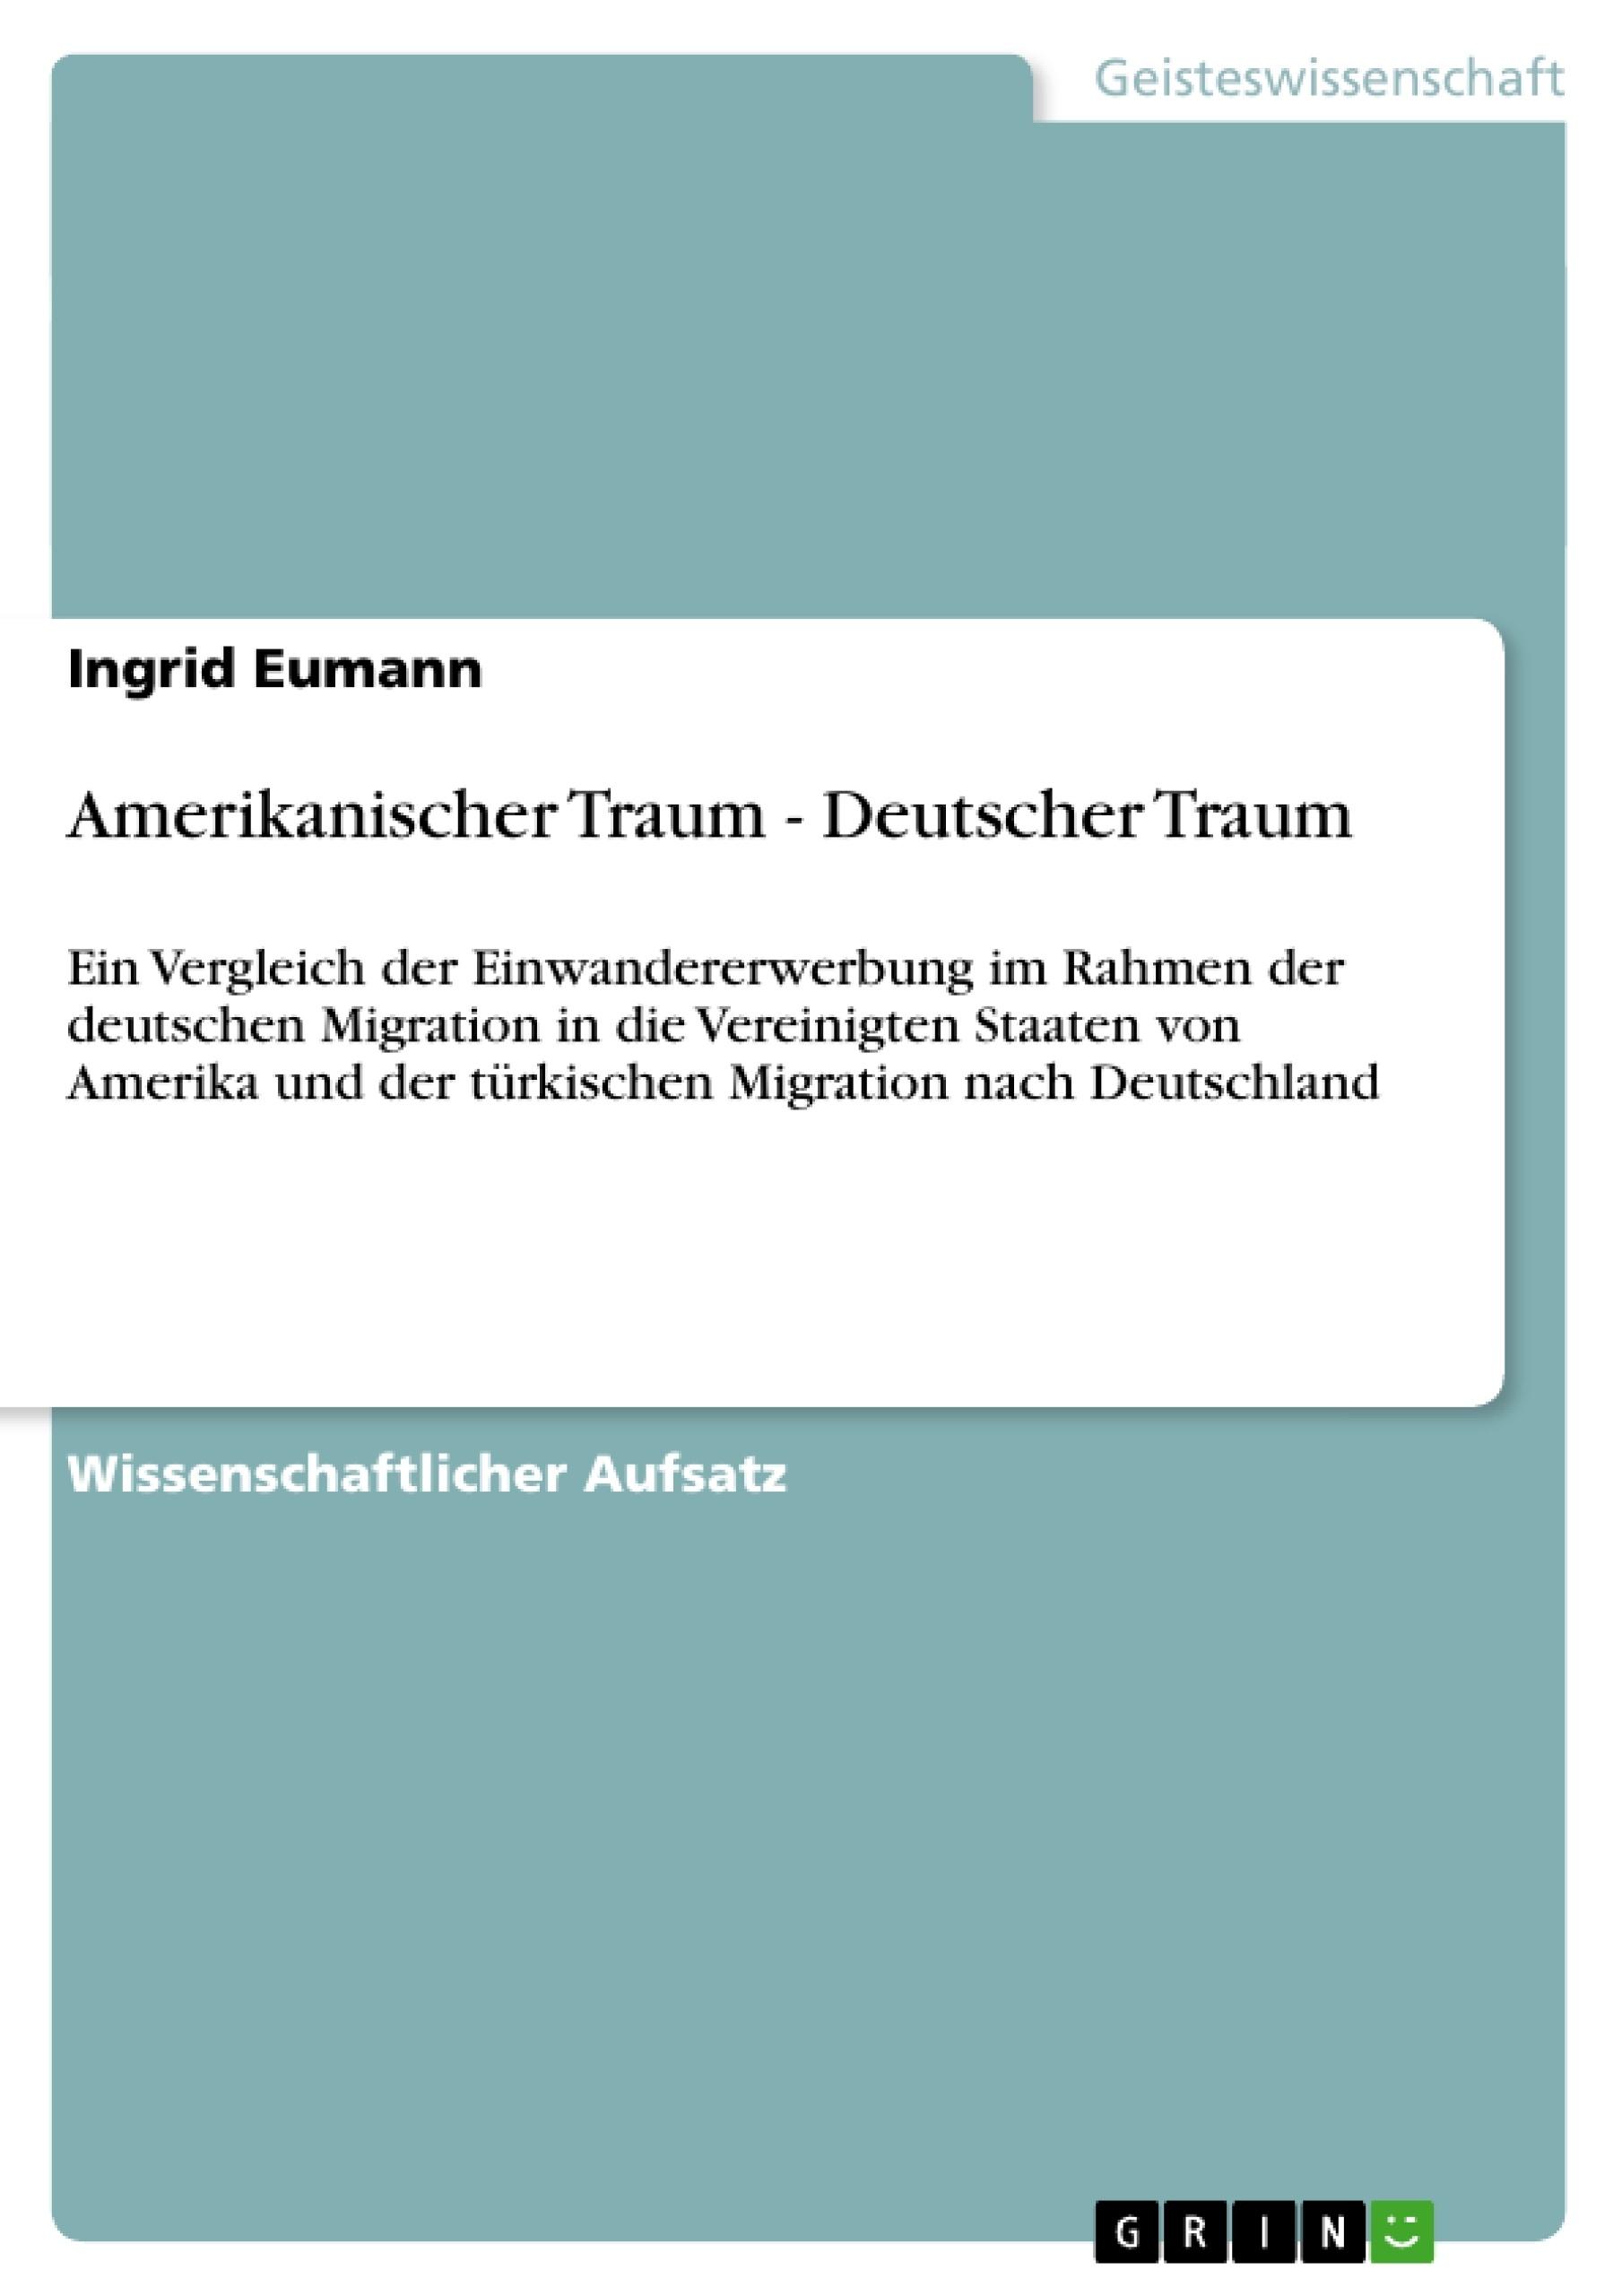 Titel: Amerikanischer Traum - Deutscher Traum